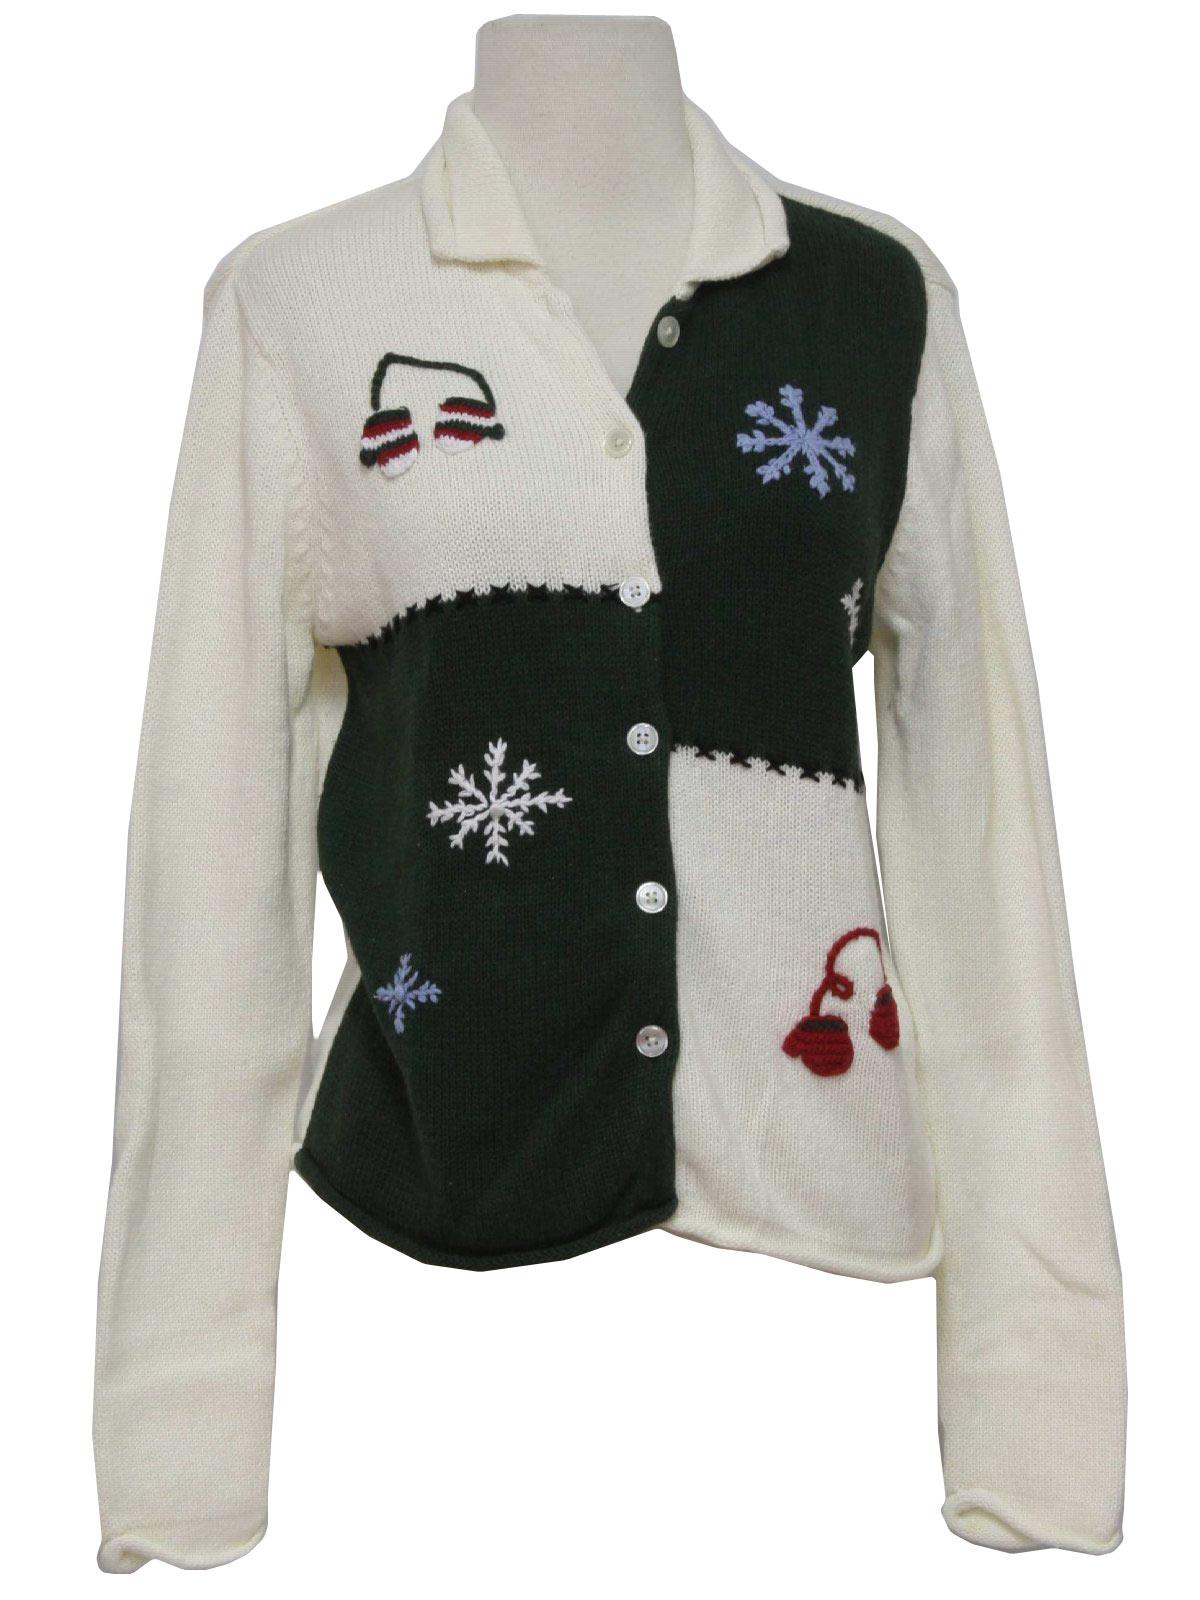 Xmas Sweaters Target 93